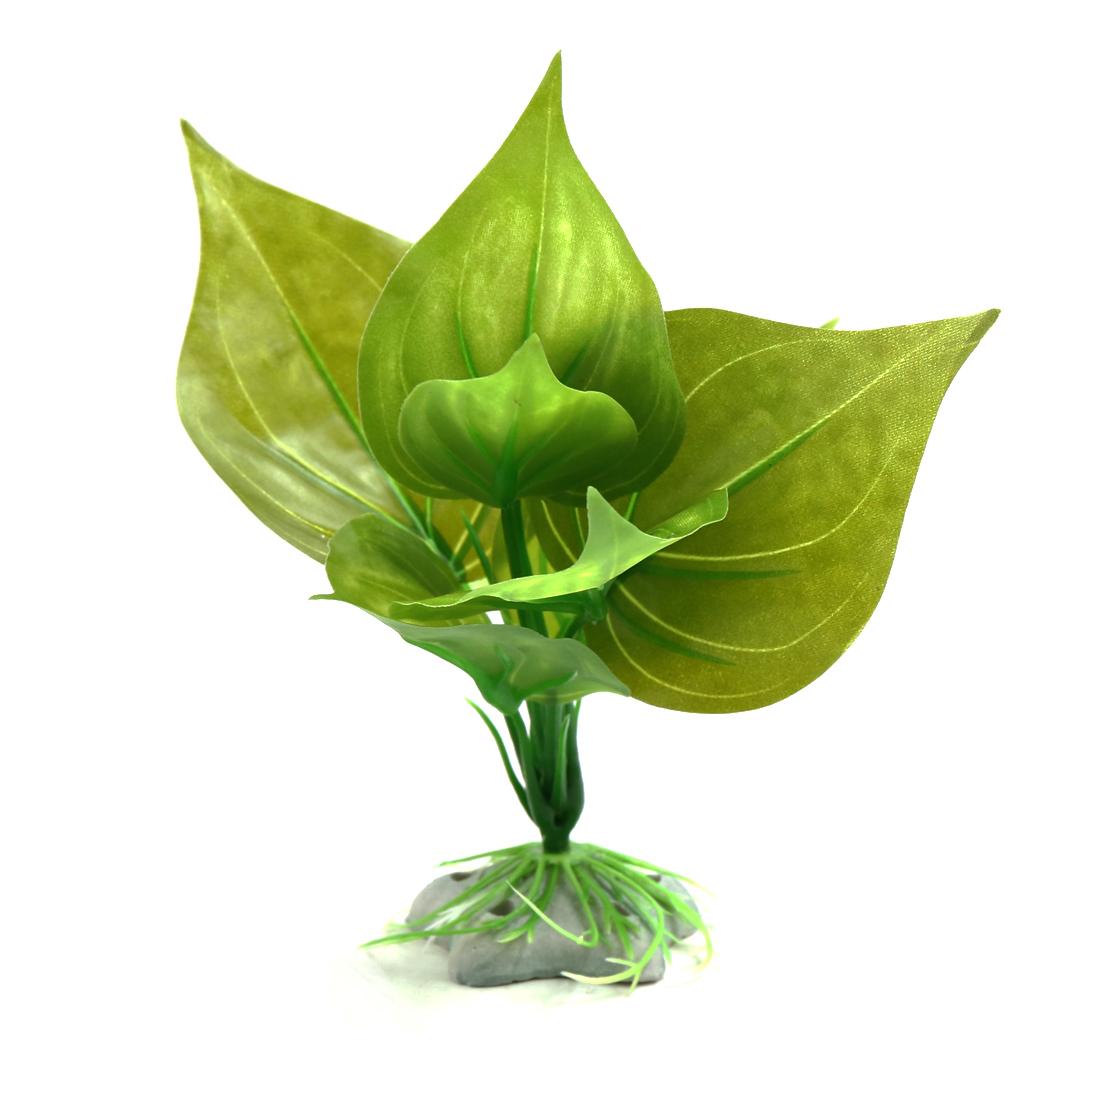 Green Indoor Aquatic Leaves Plant Aquarium Tank Waterscape Decorative Ornament